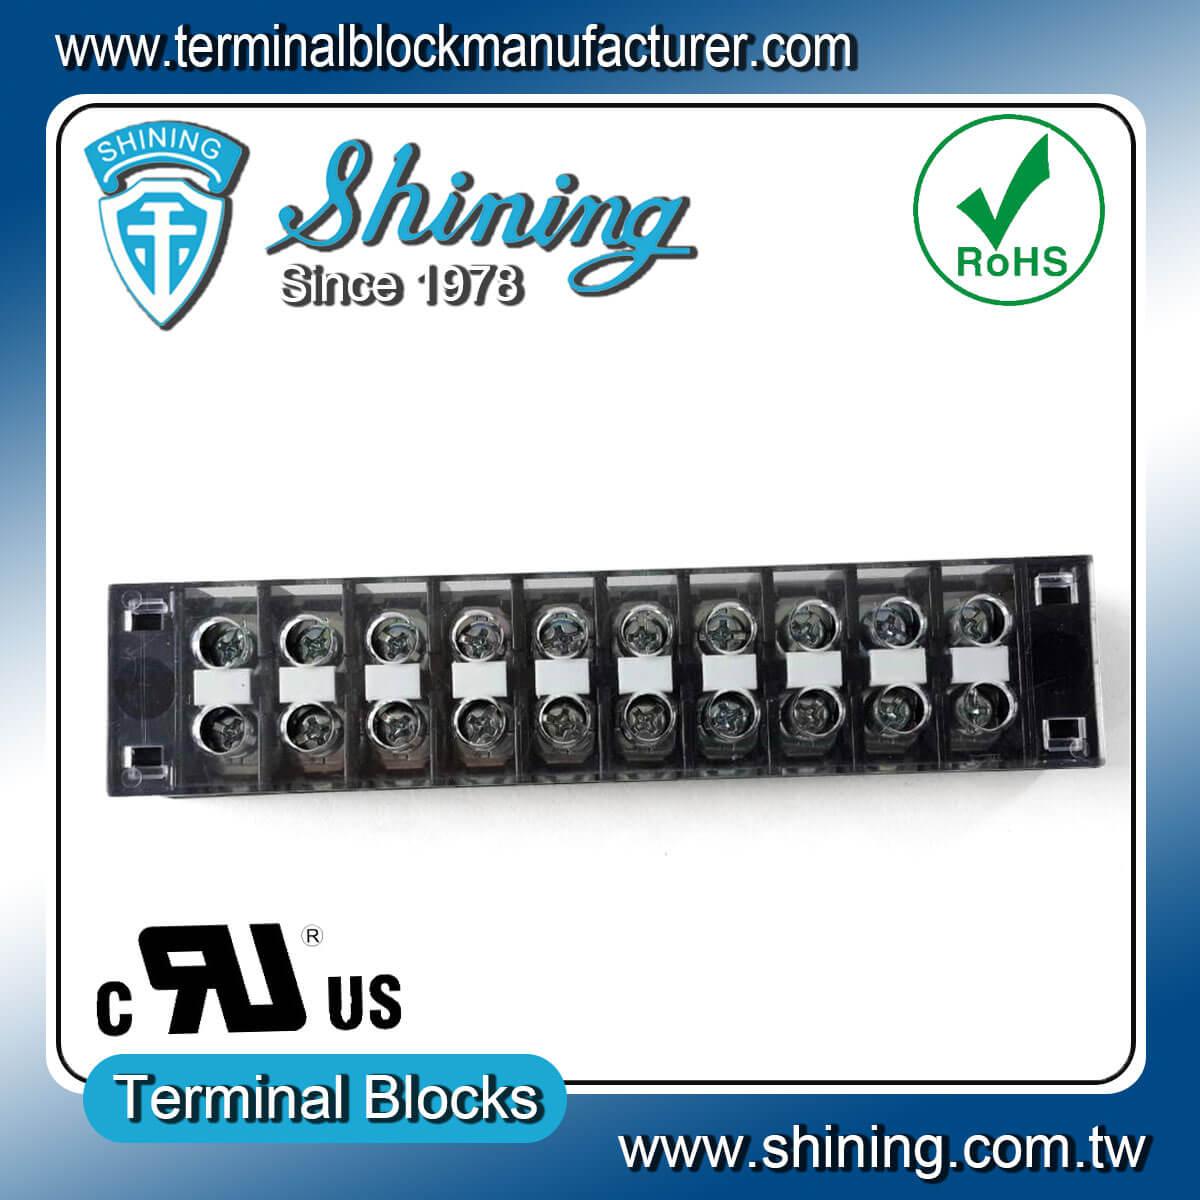 TB-31510CP 300V 15A 10Pole固定式柵欄端子台